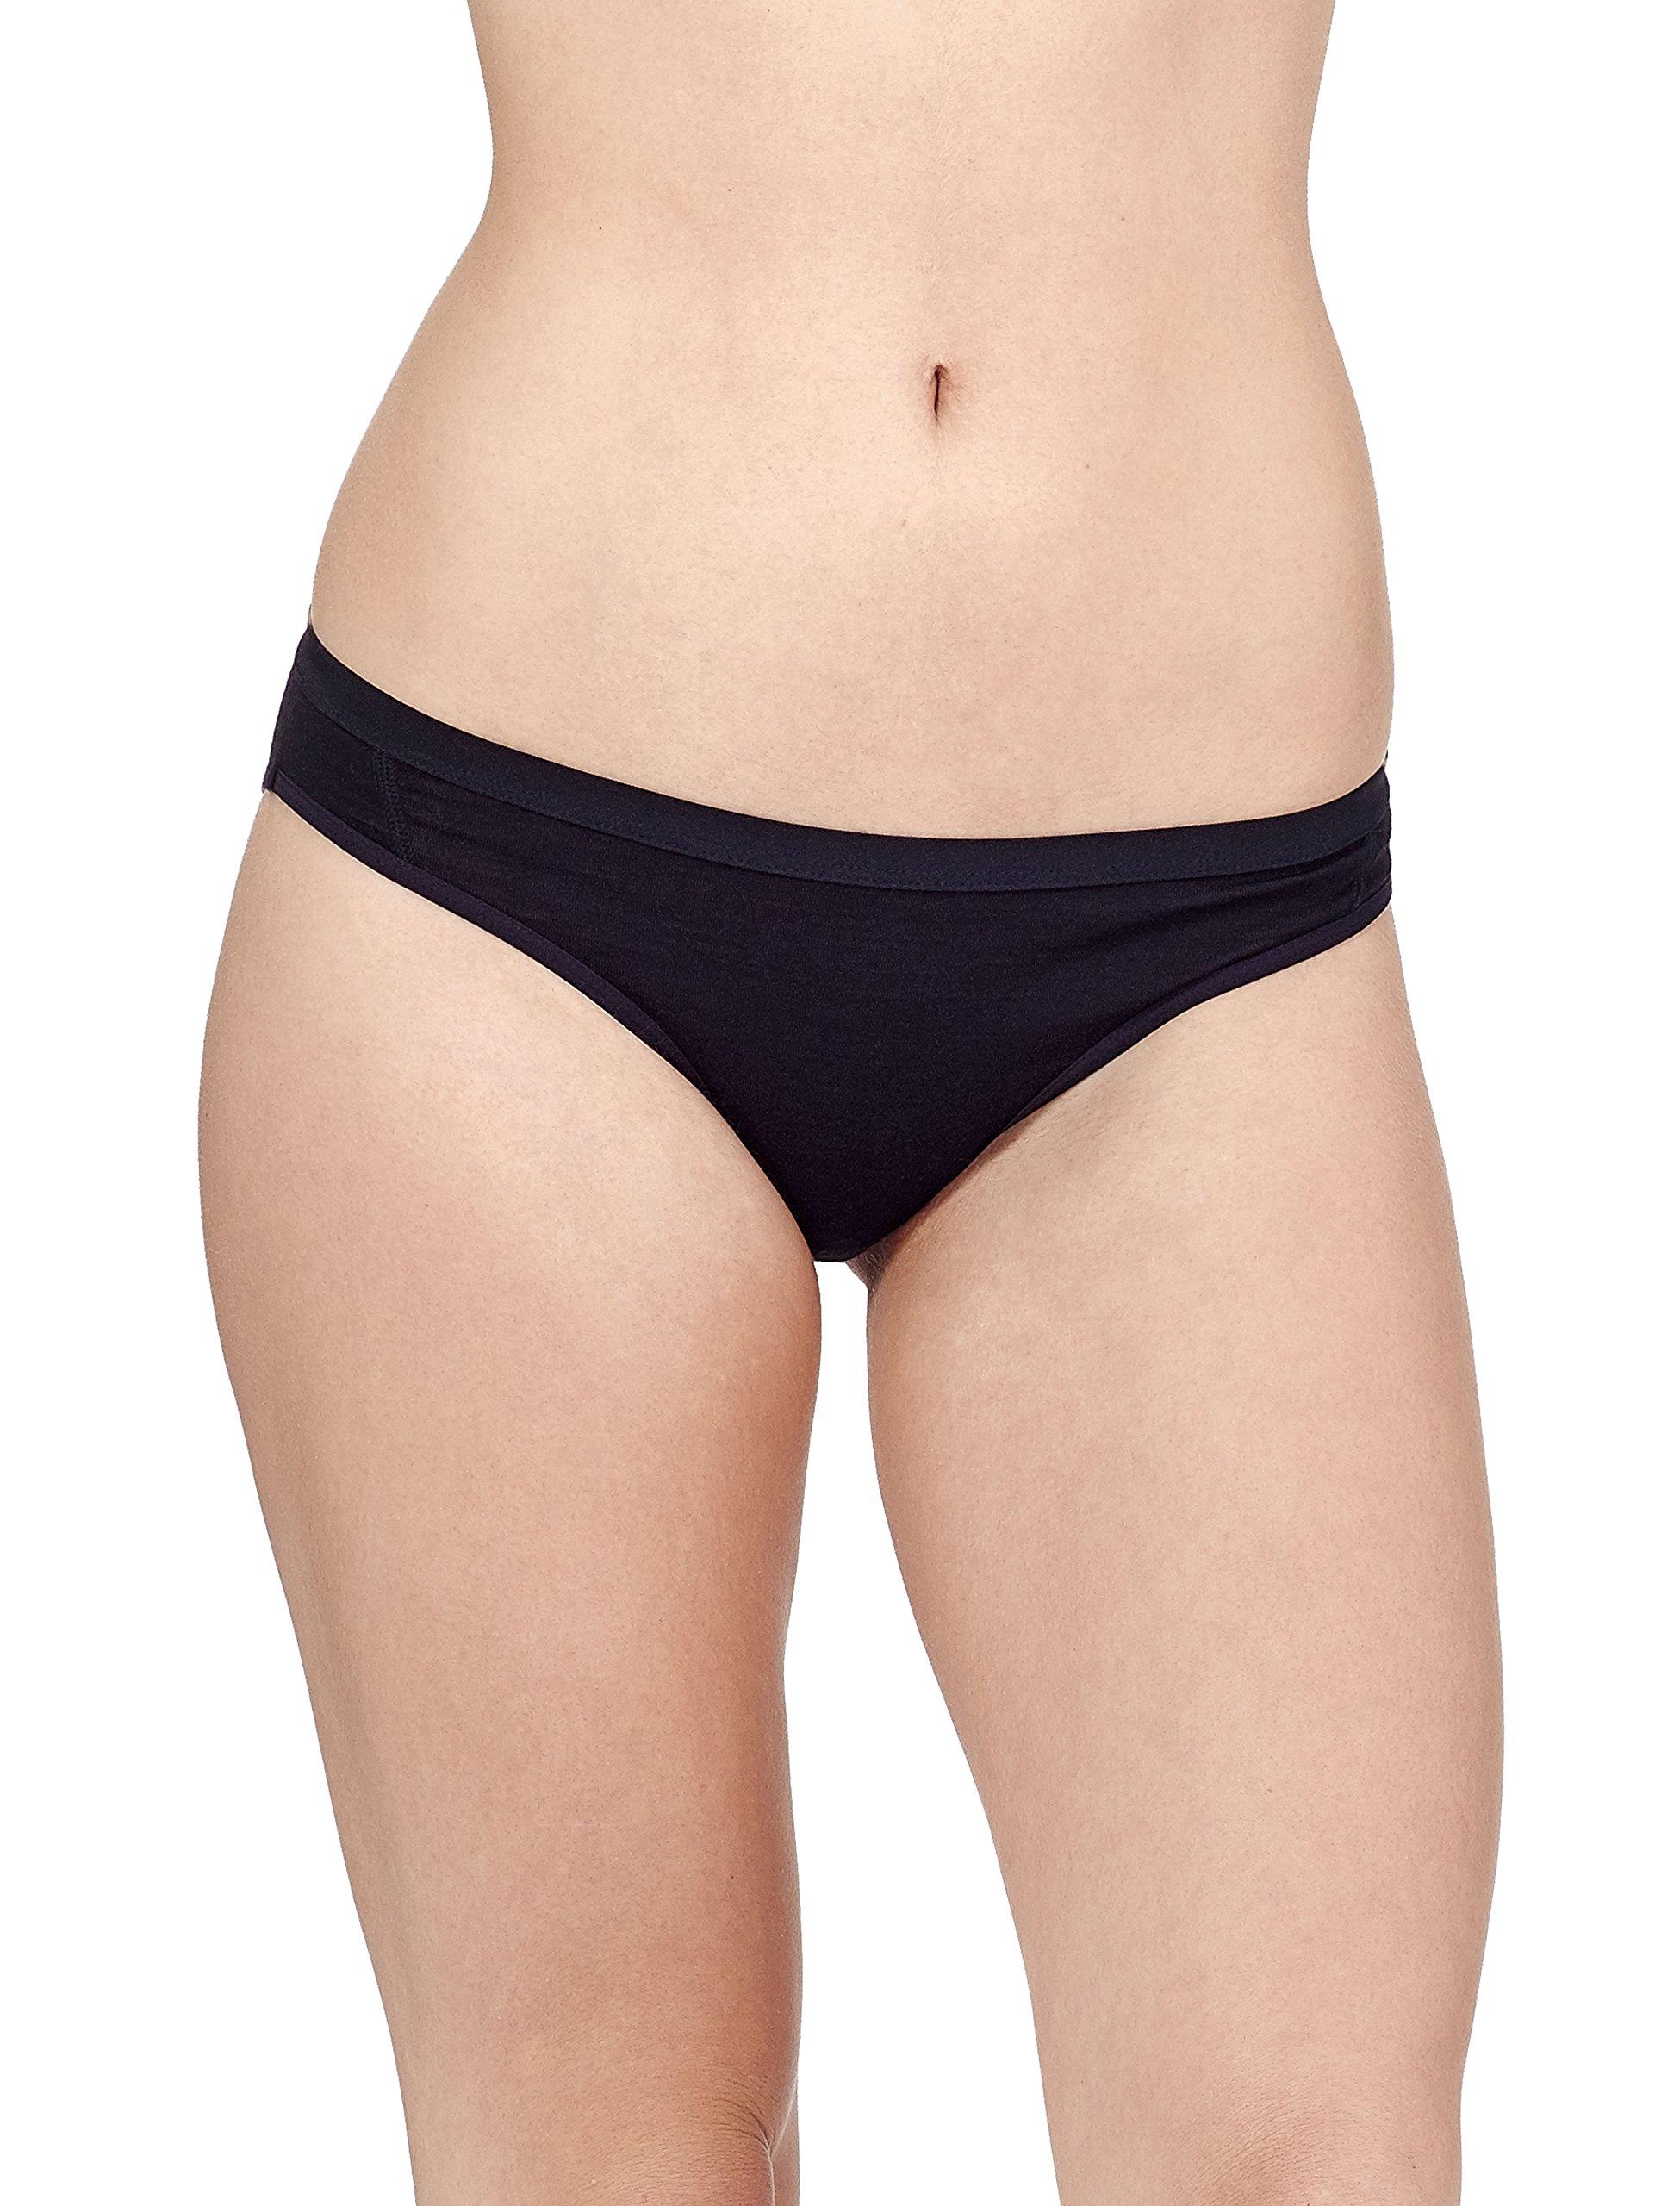 Icebreaker Merino Women's Siren Bikini, Black, X-Small, Black/Black by Icebreaker Merino